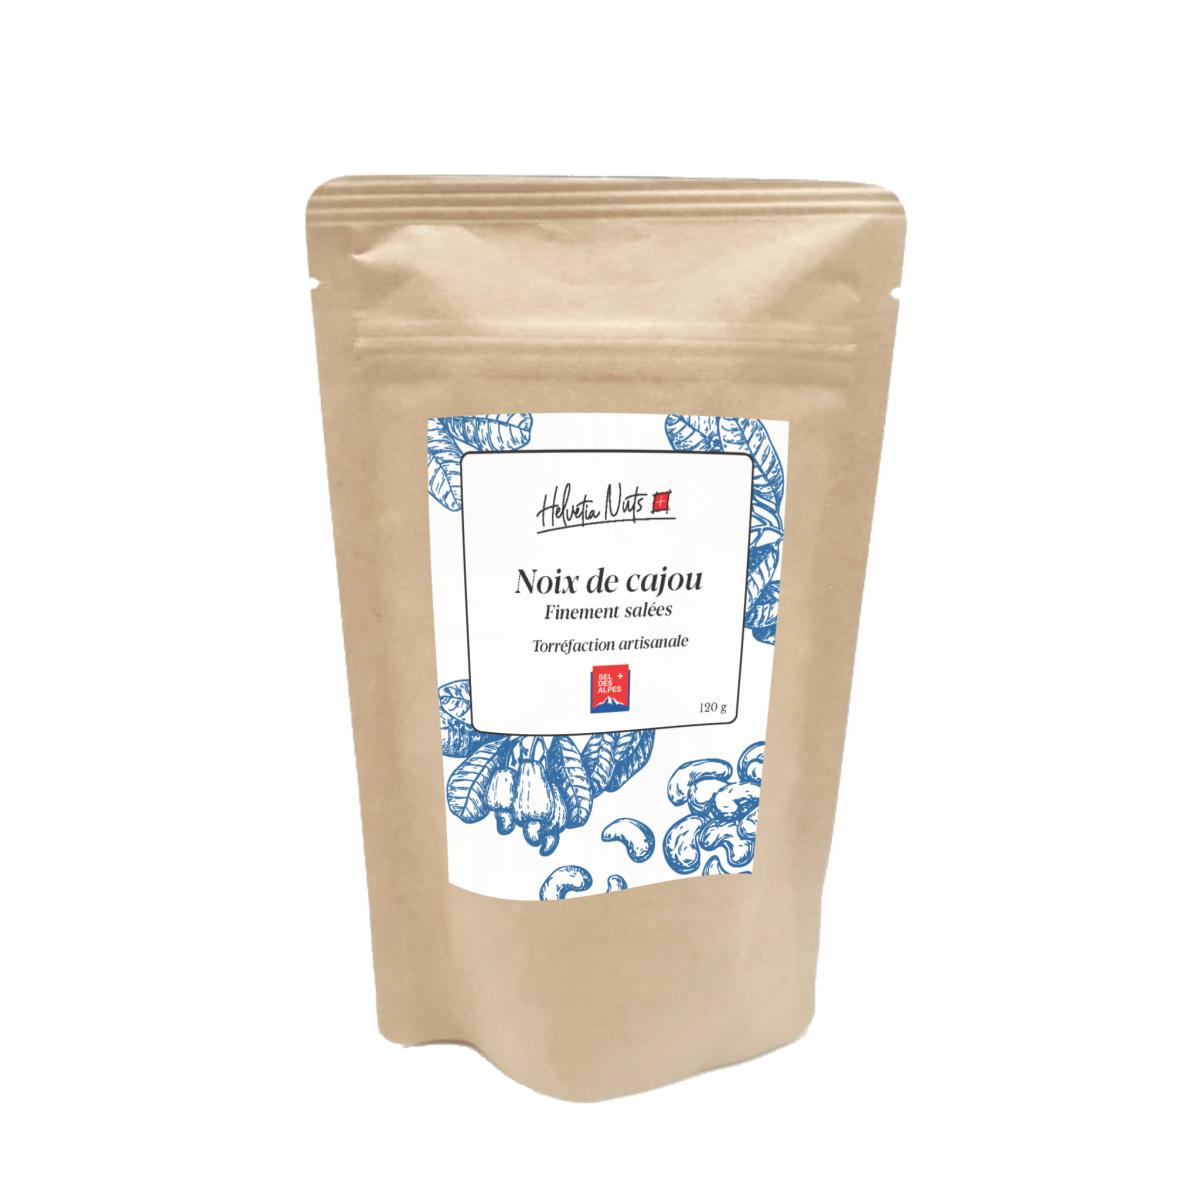 Noix de cajou au sel des Alpes - Helvetia Nuts - Salé - HN1